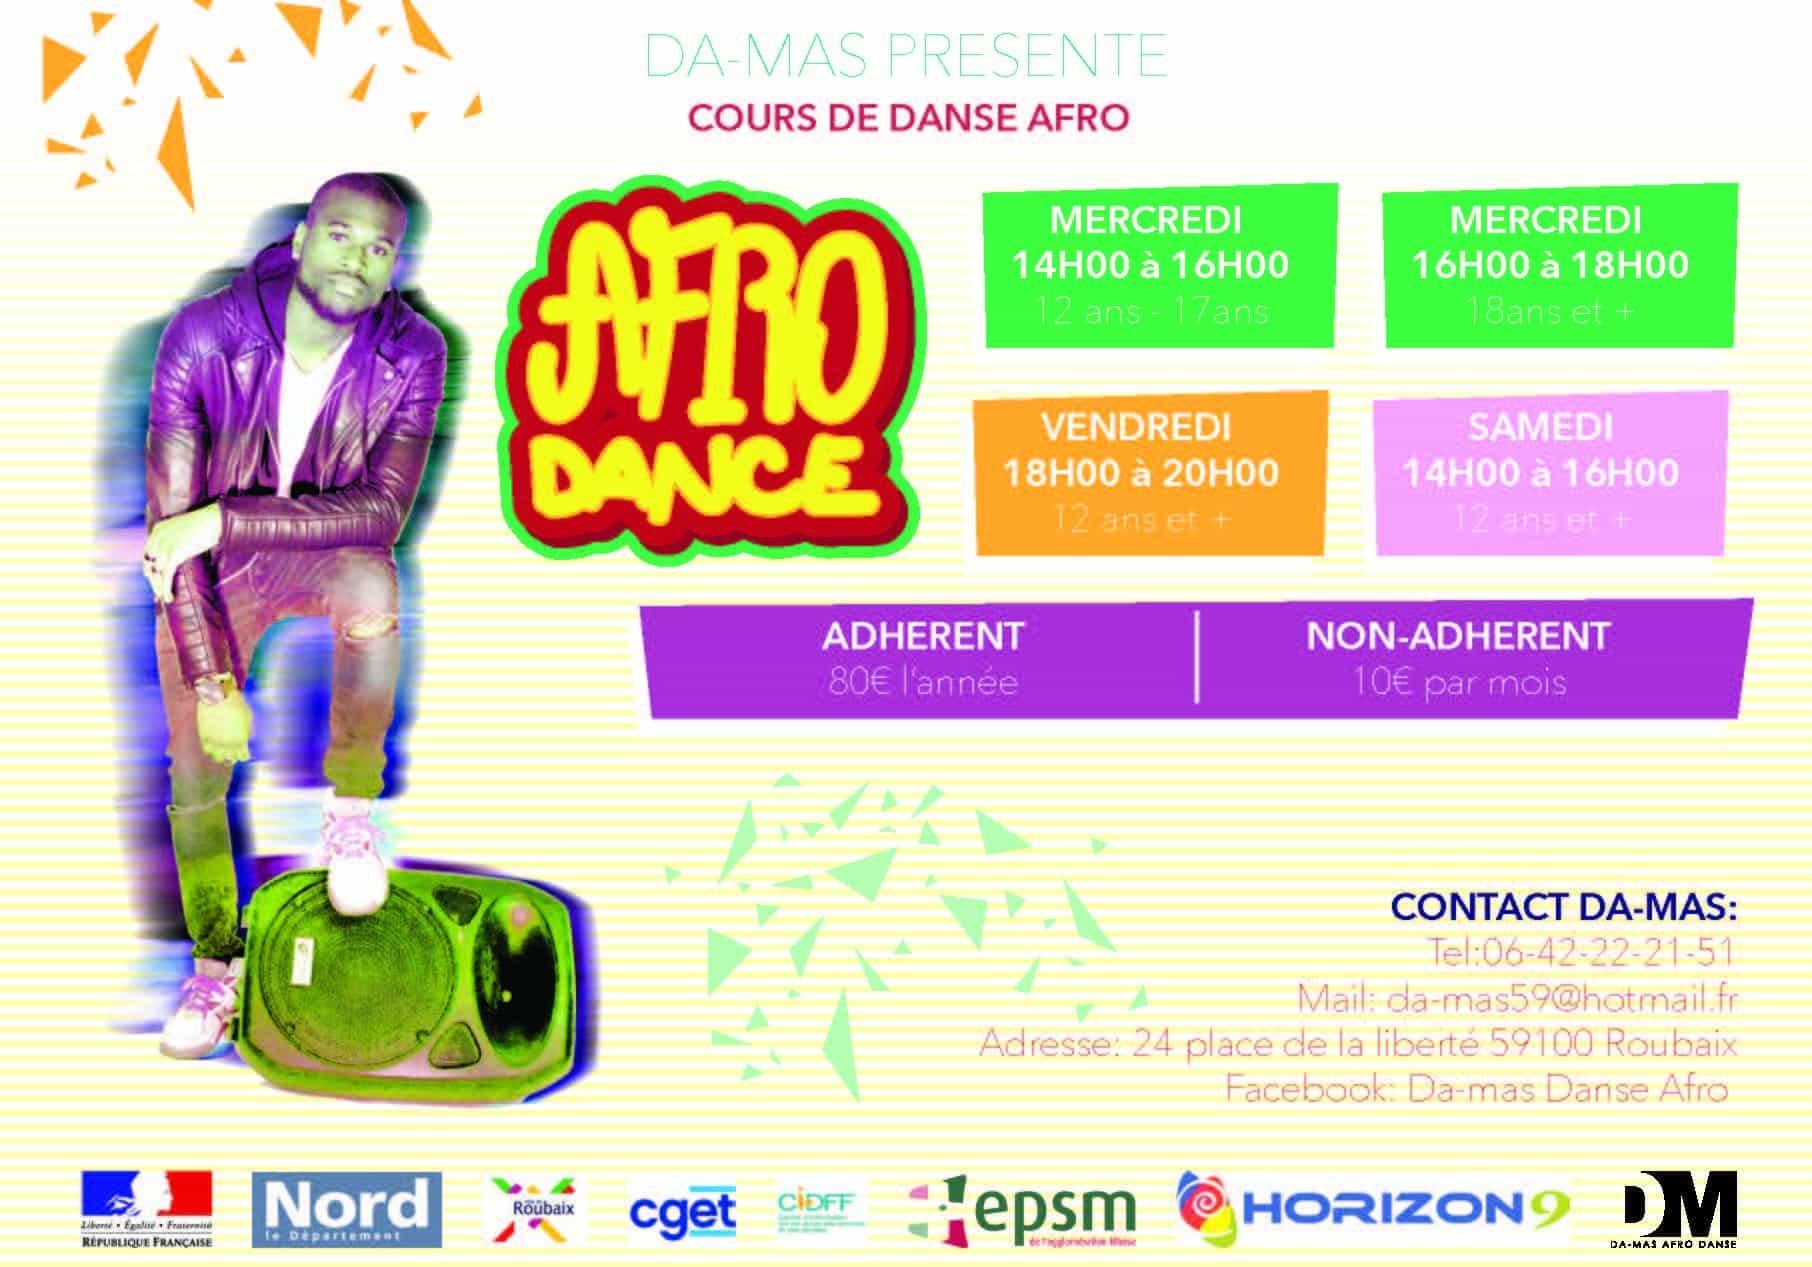 Afro dance Da-mas